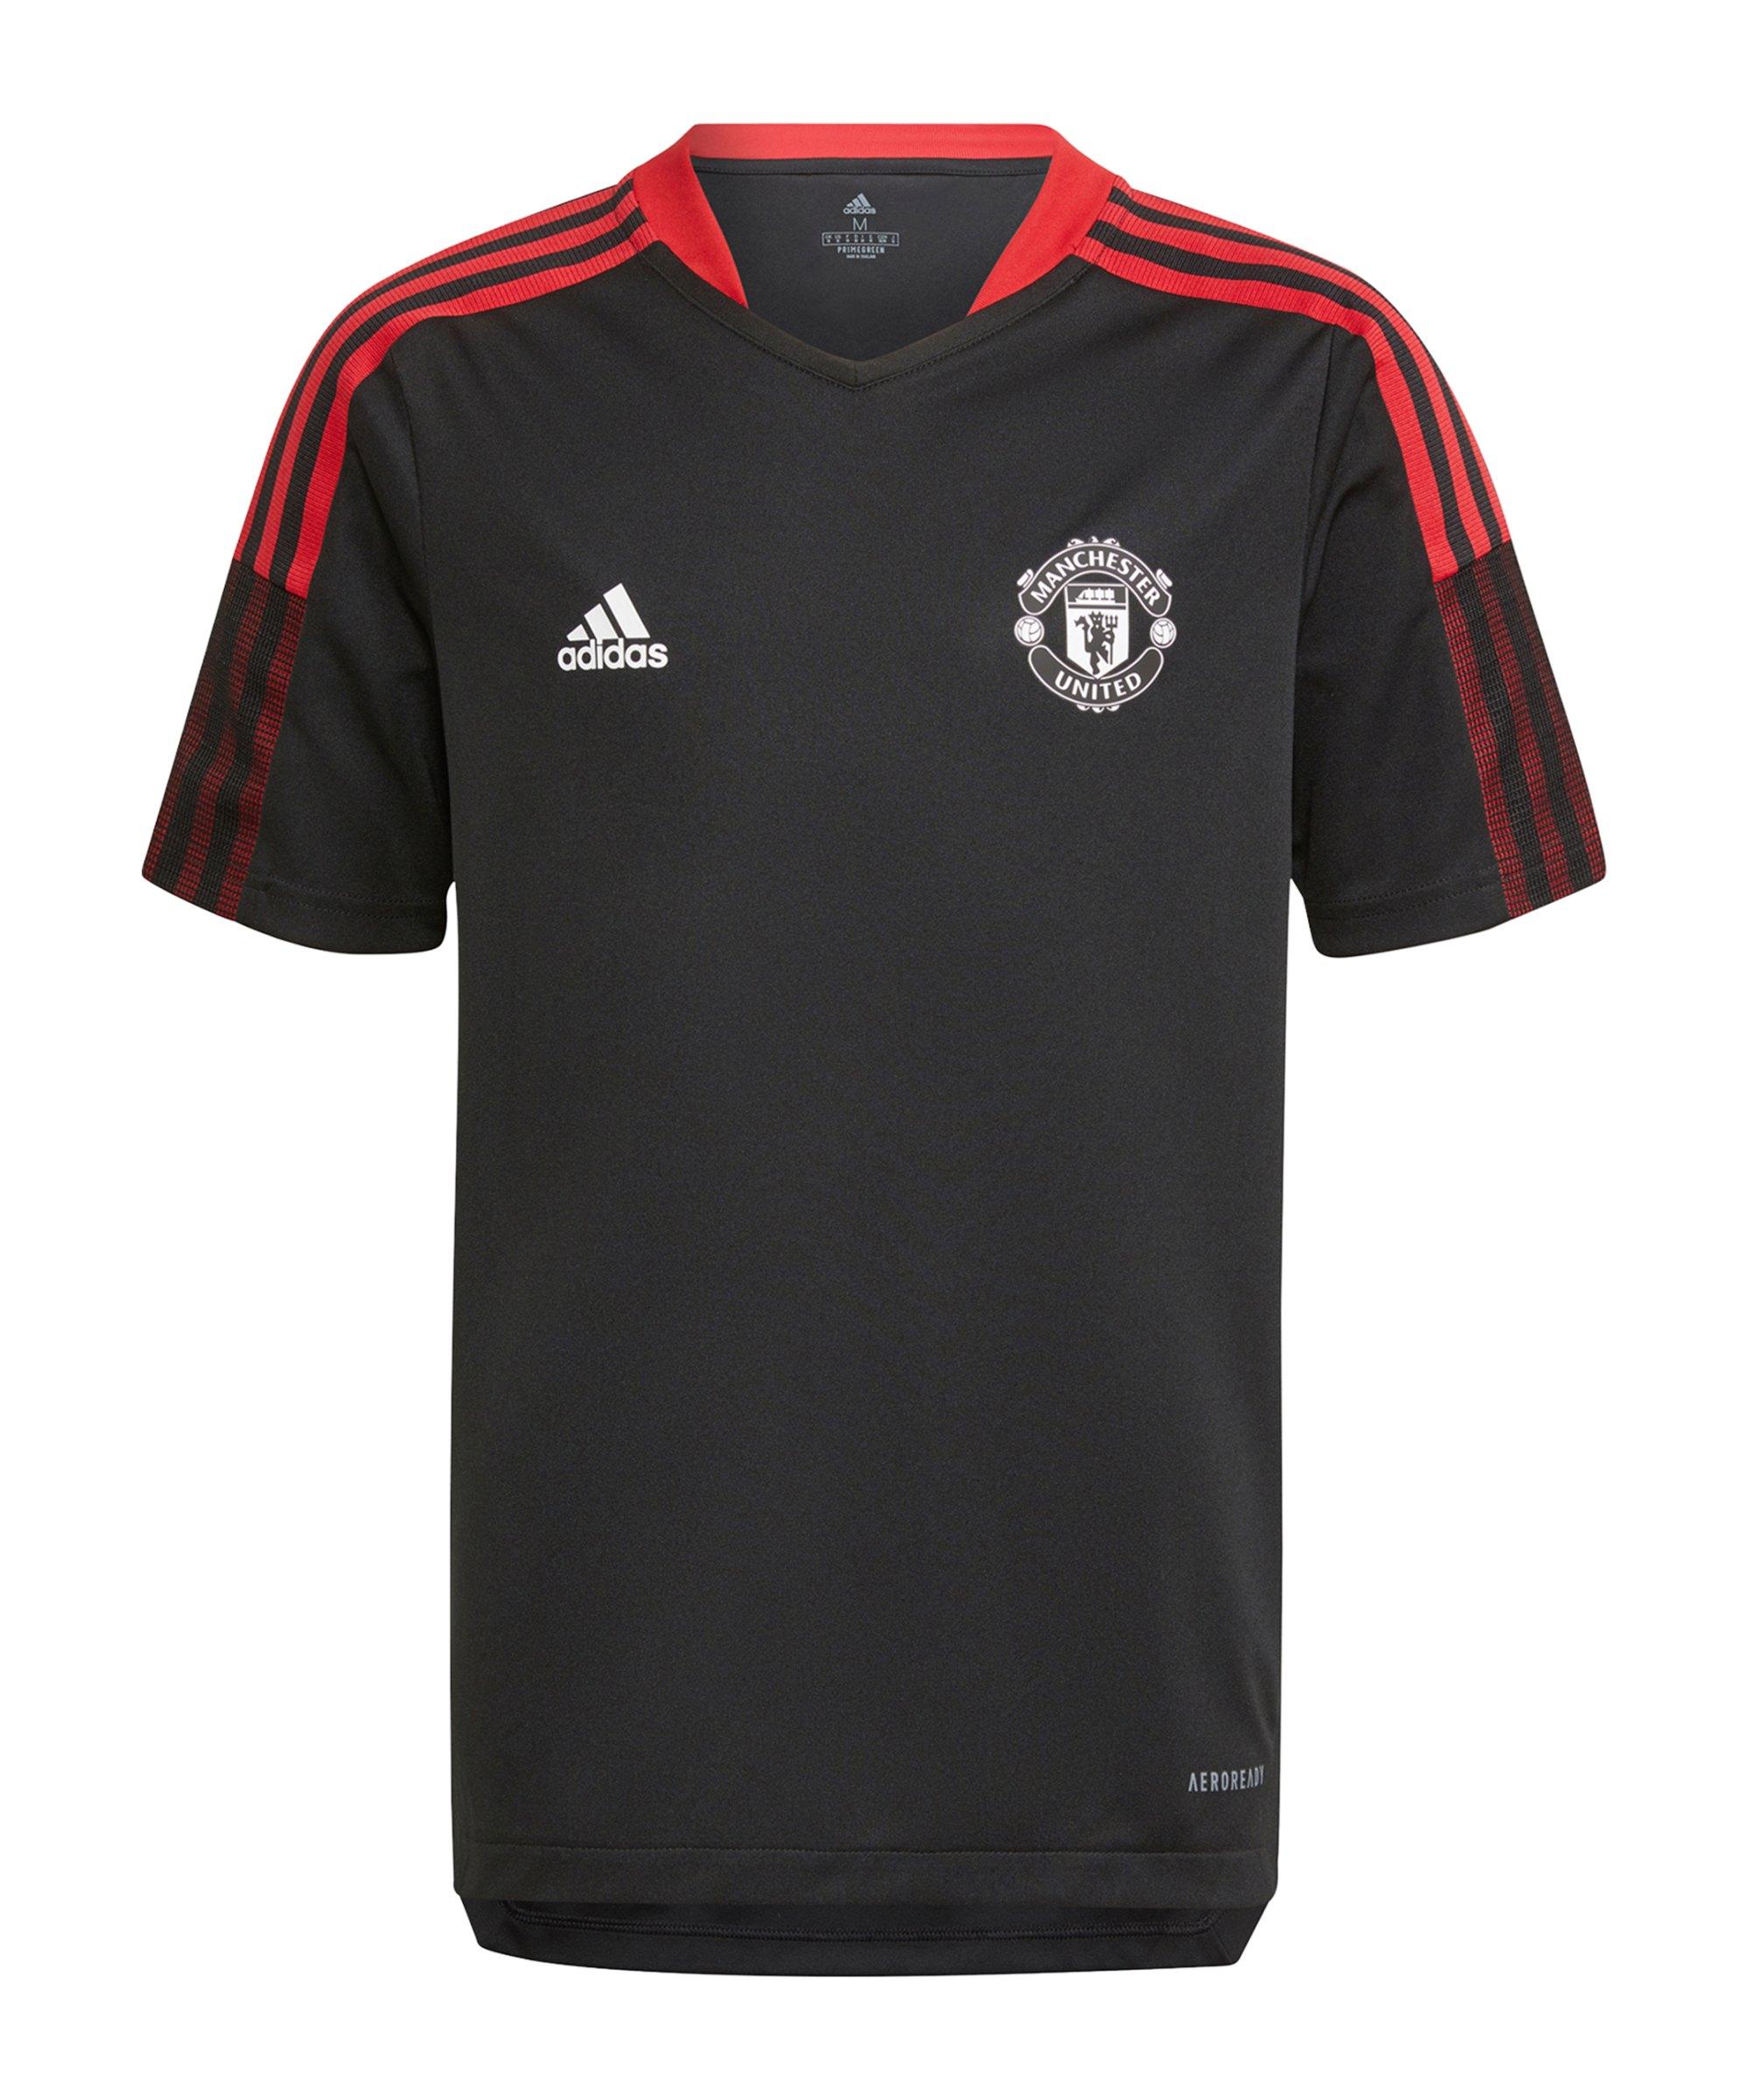 adidas Manchester United Trainingsshirt Kids Schwarz - schwarz